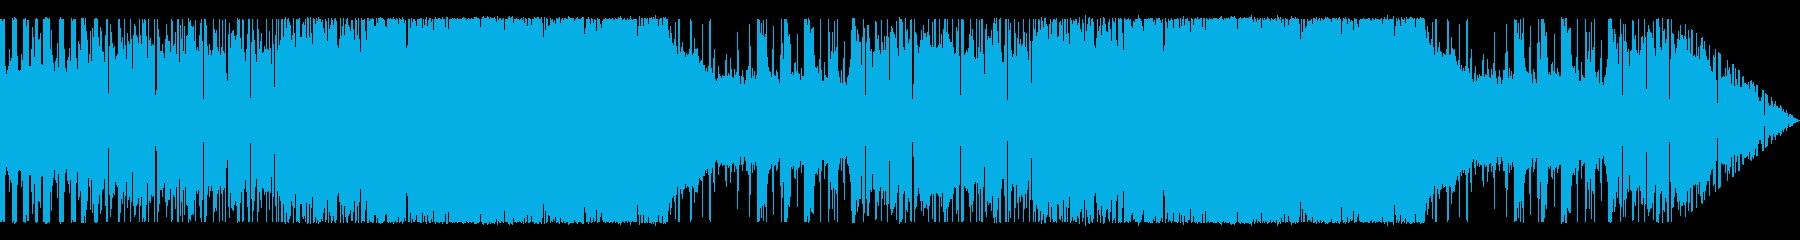 疾走感のあるロックギターサウンドの再生済みの波形